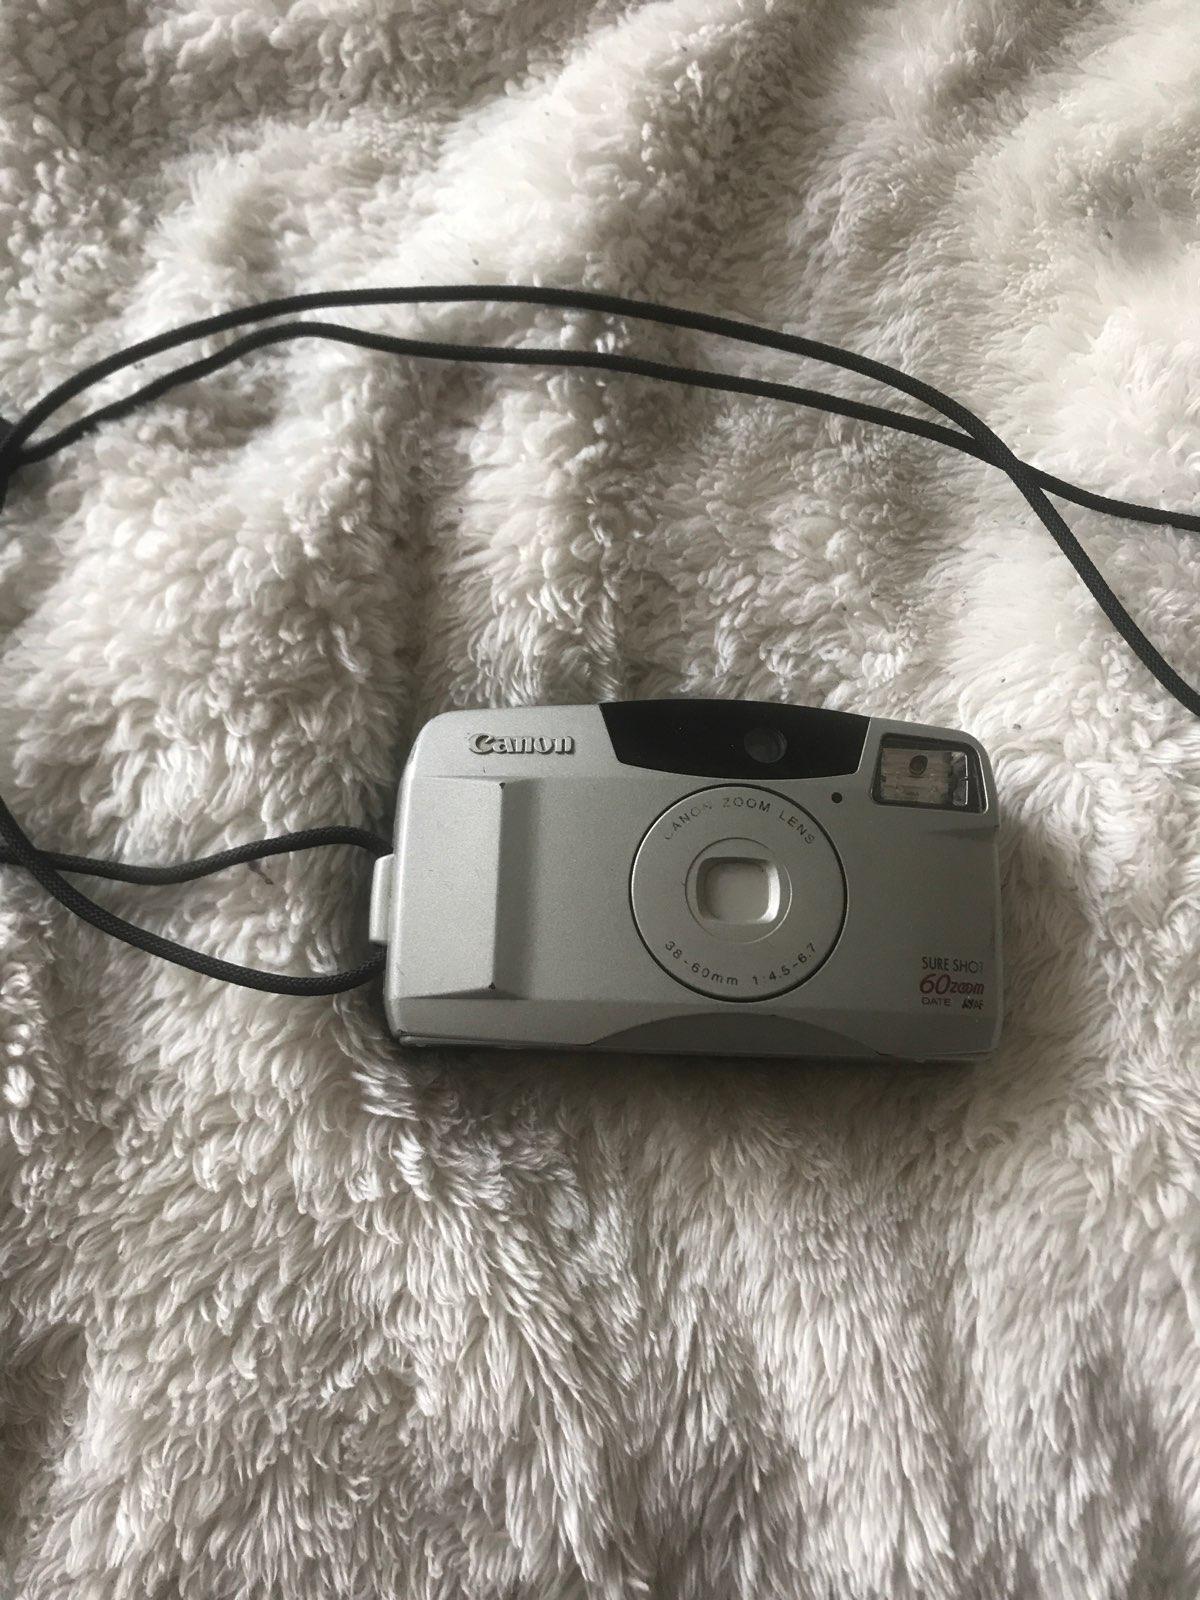 Canon Sure Shot 60 Zoom film camera